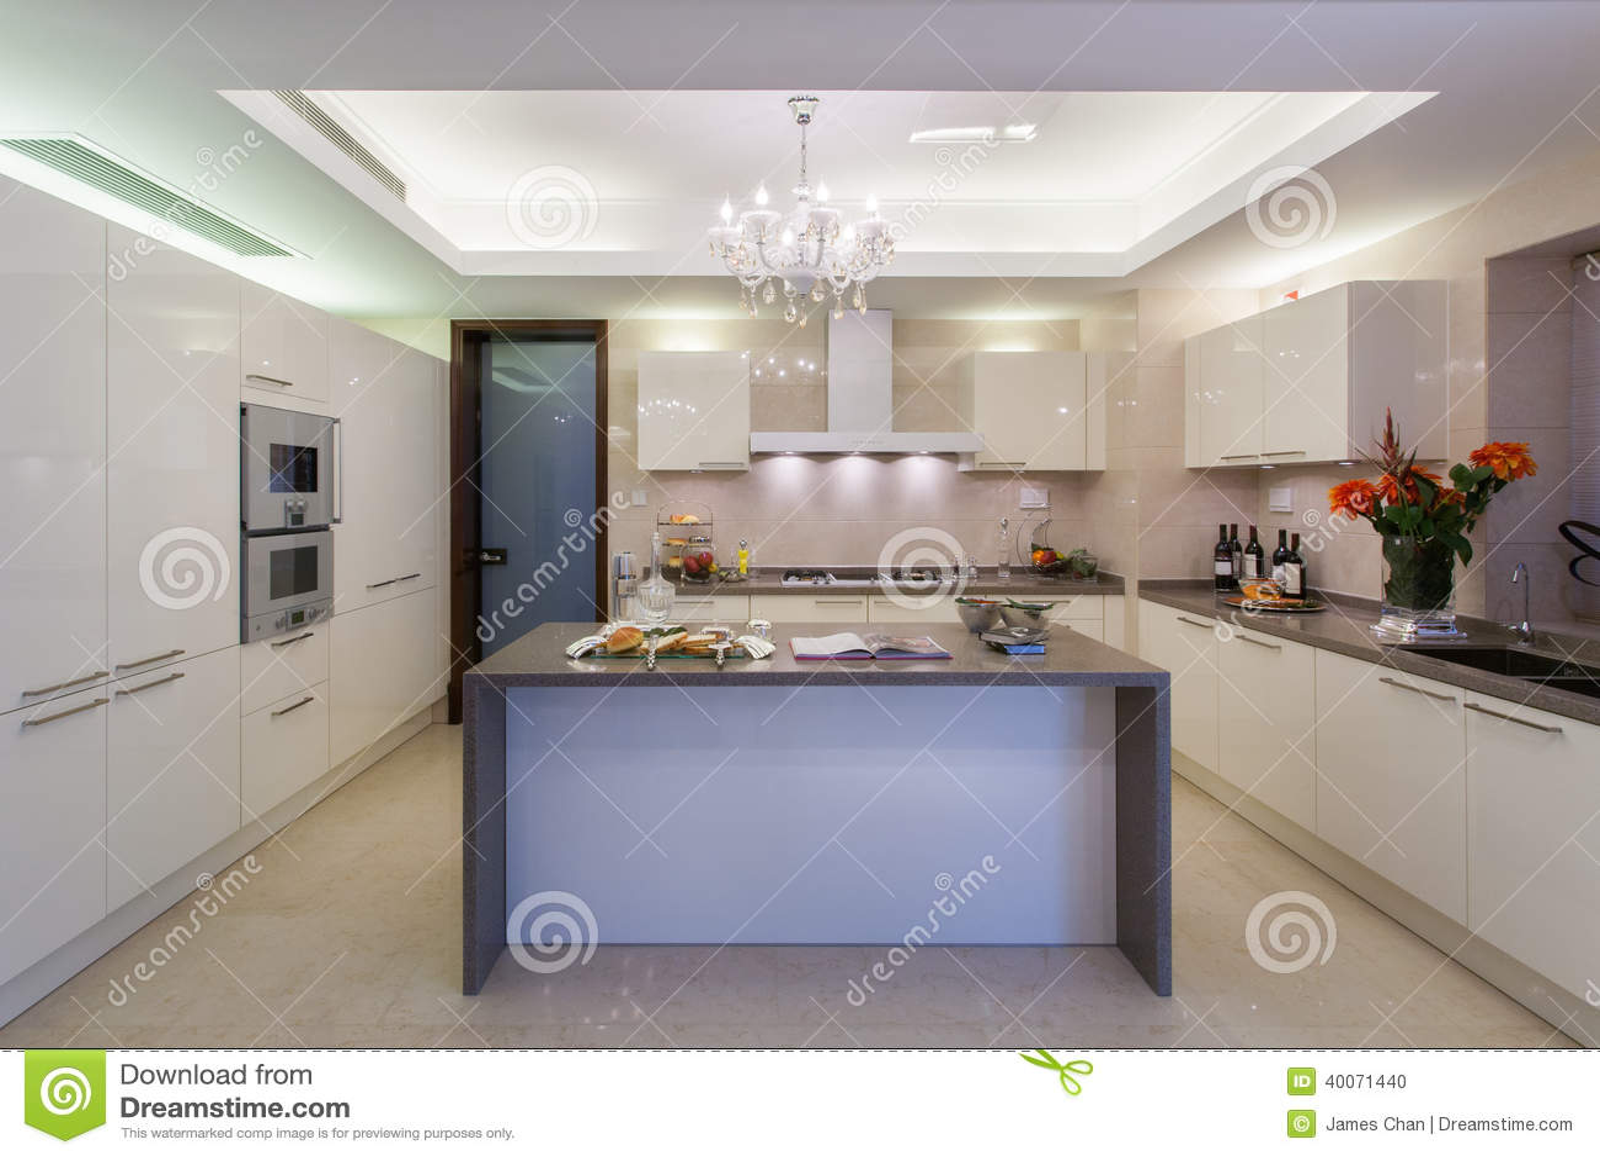 Fußboden Für Weiße Küche ~ Säubern sie weiße moderne küche stockfoto bild von fußboden